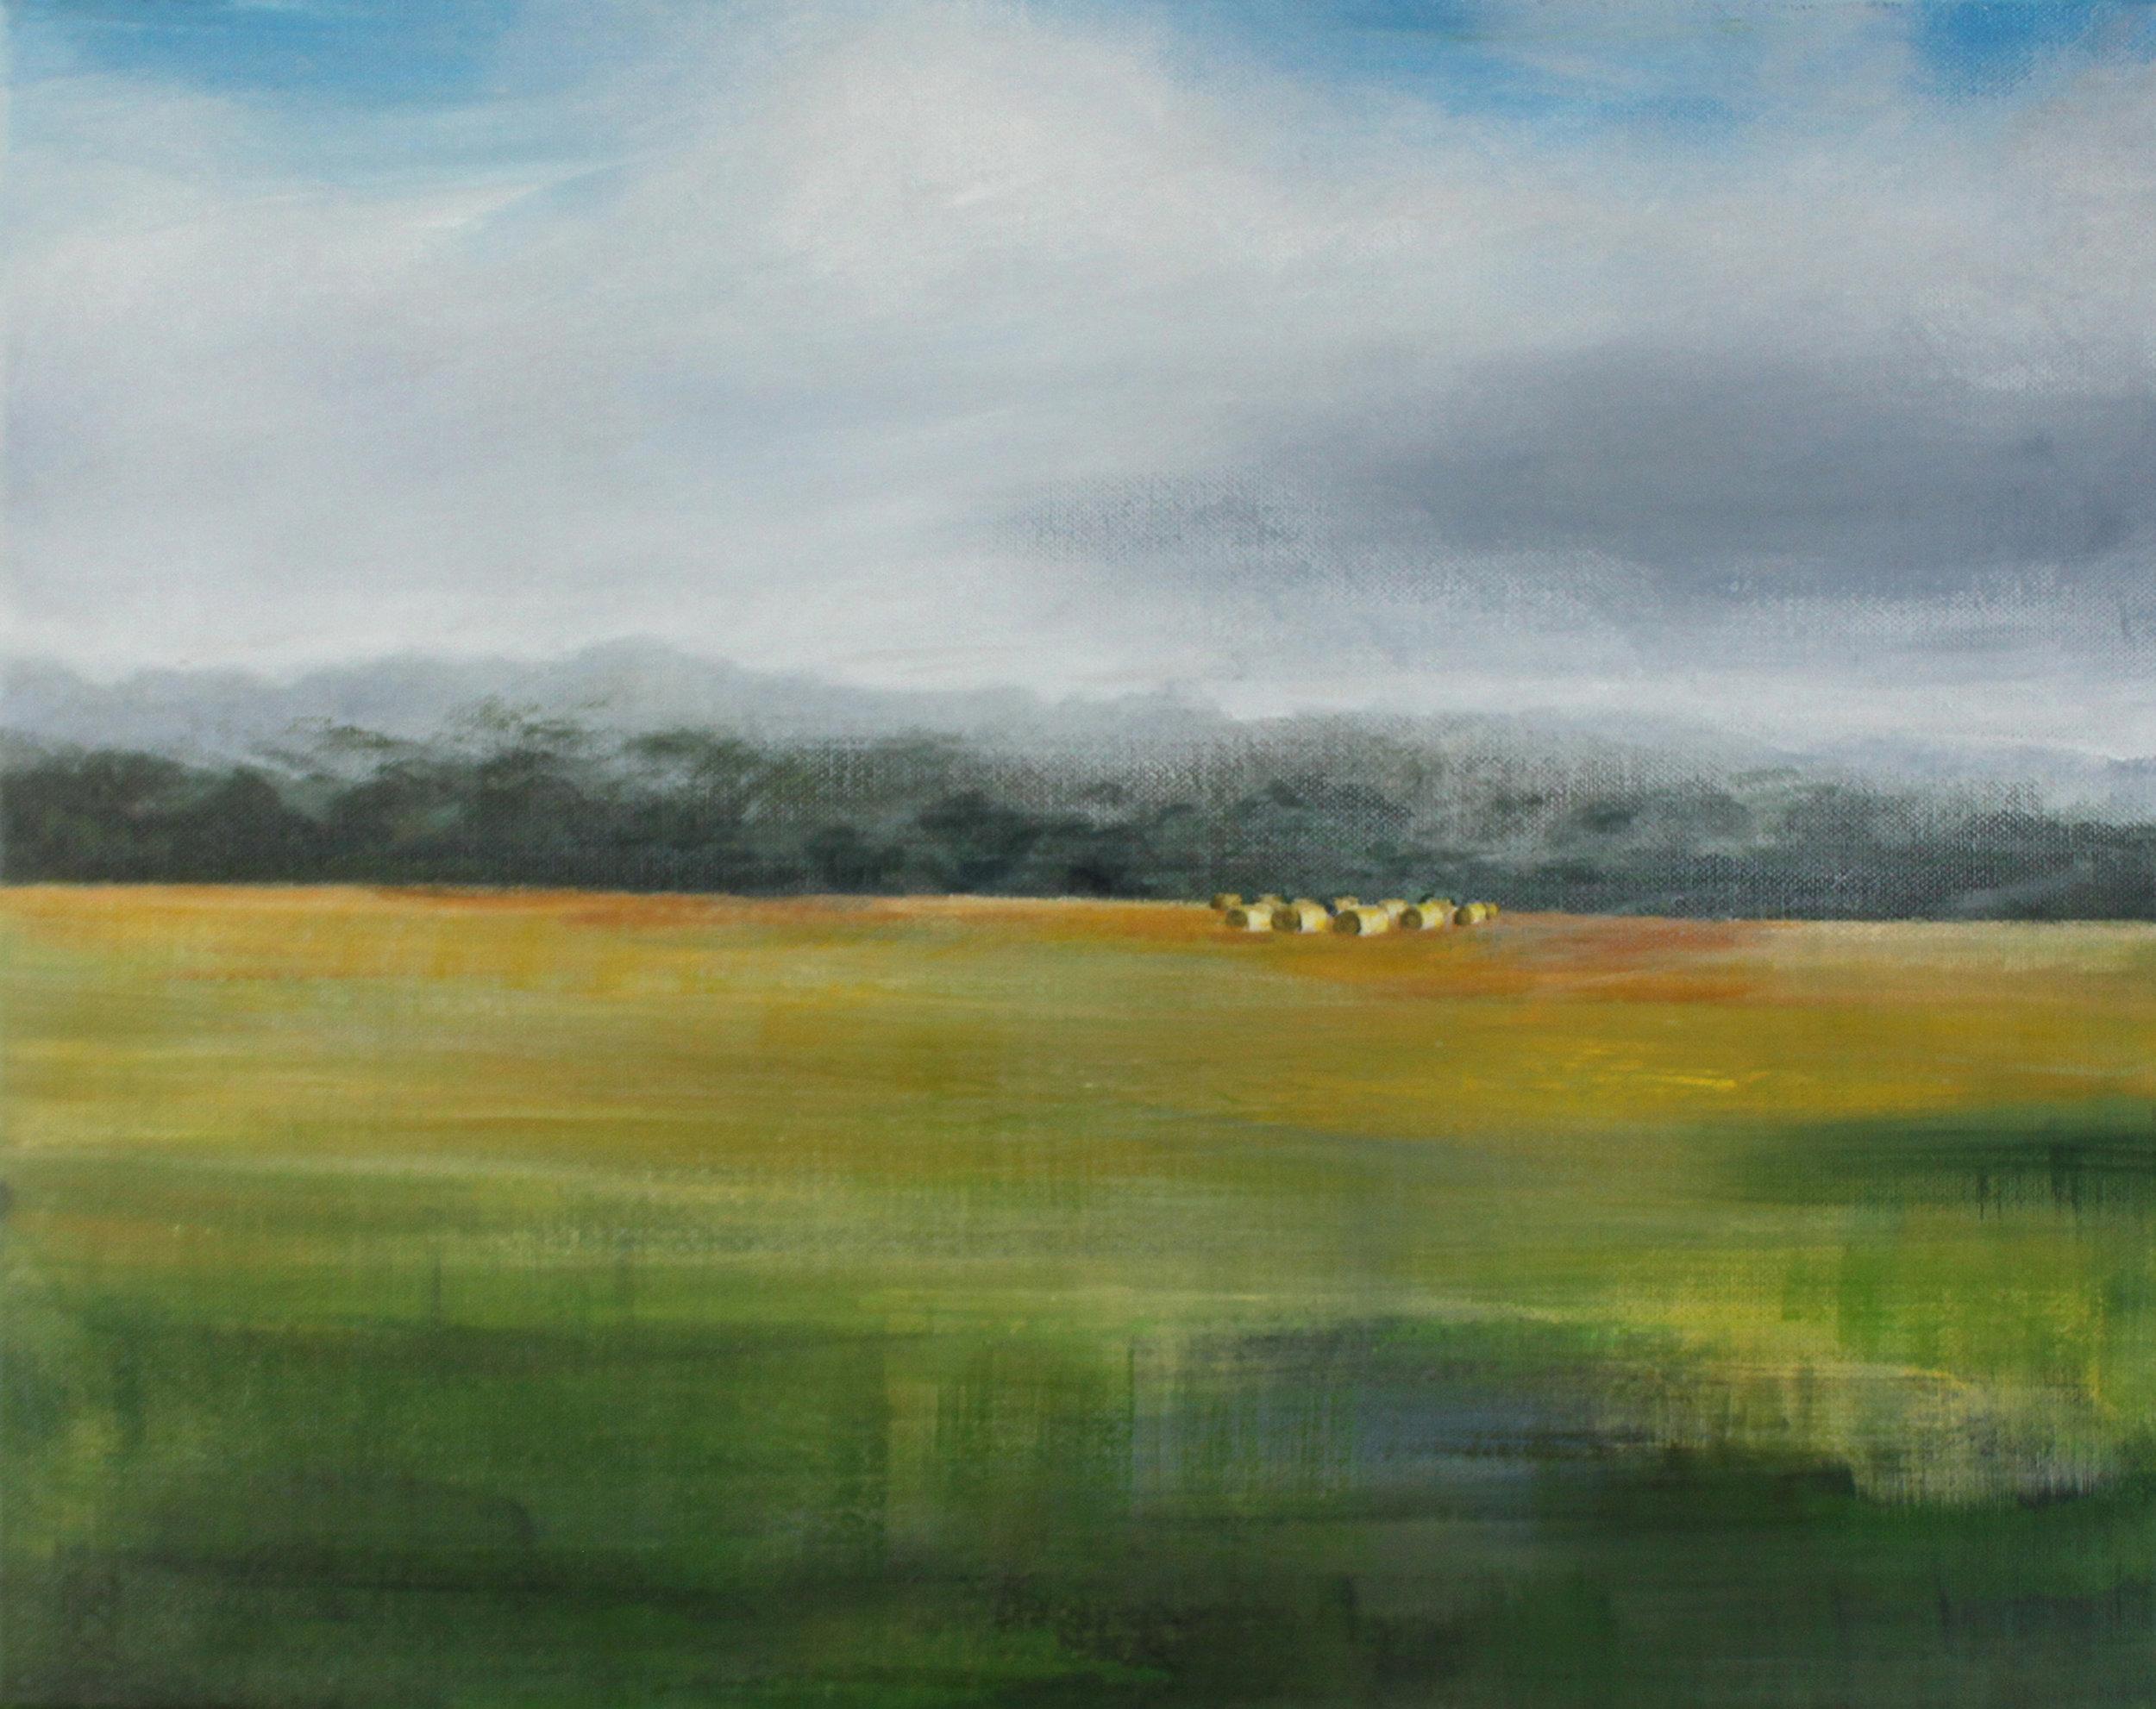 Haystacks in Morning Mist 1.jpg